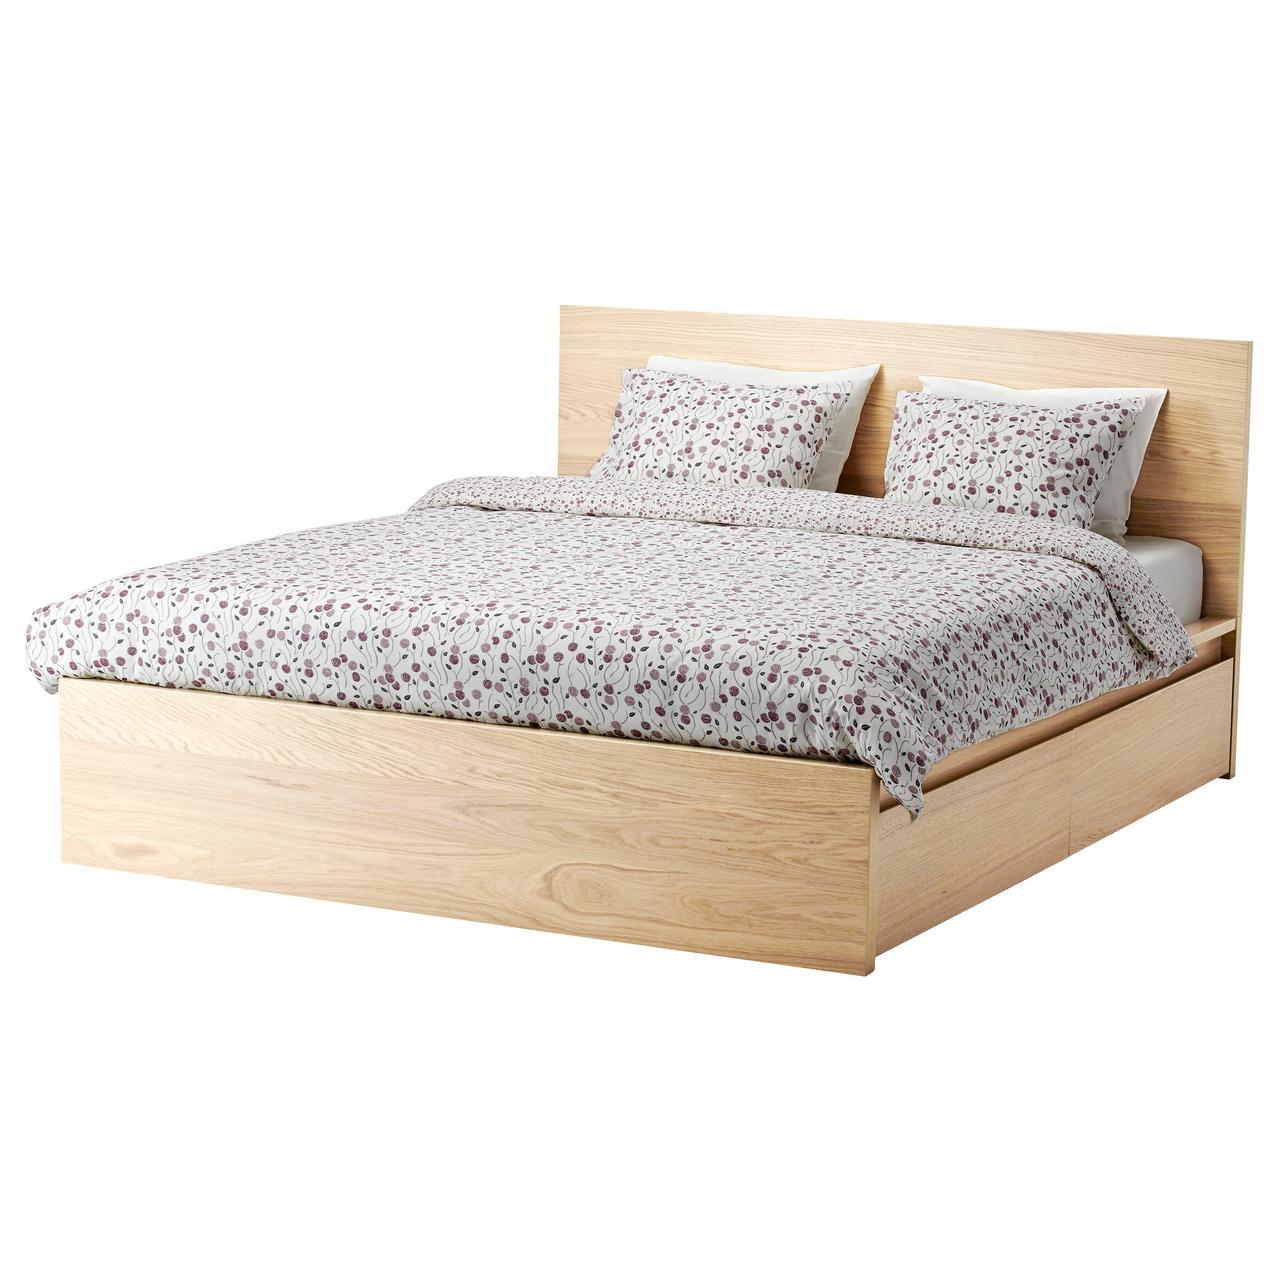 IKEA MALM (591.766.10) Ліжко з двома контейнерами для зберігання